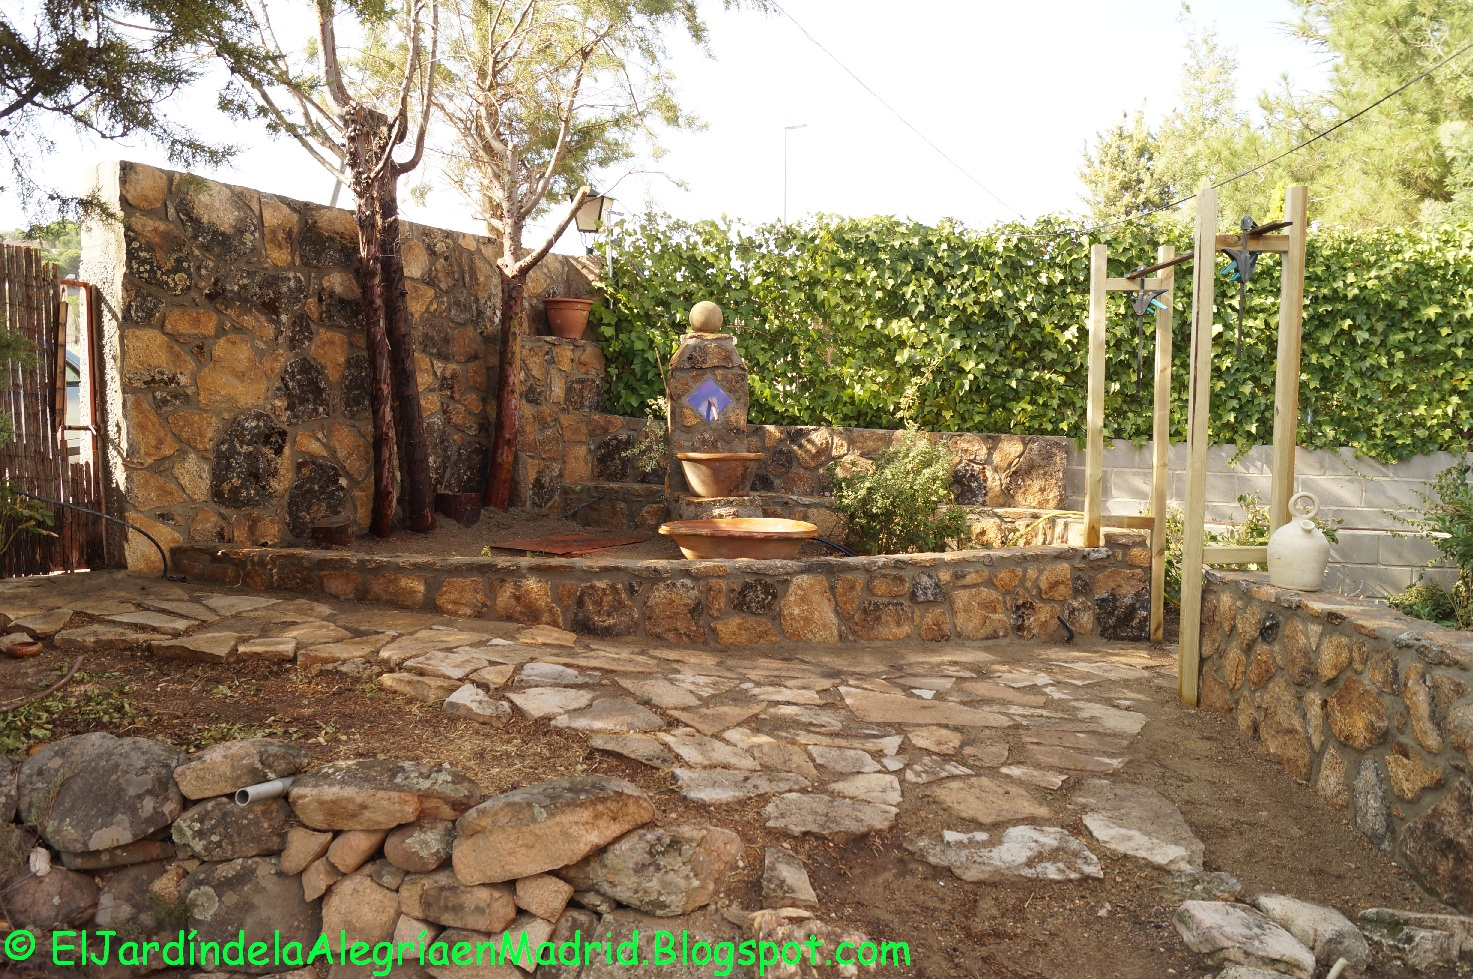 El Jardin De La Alegria Diseno Y Realizacion De Muros De Piedra En - Piedra-jardin